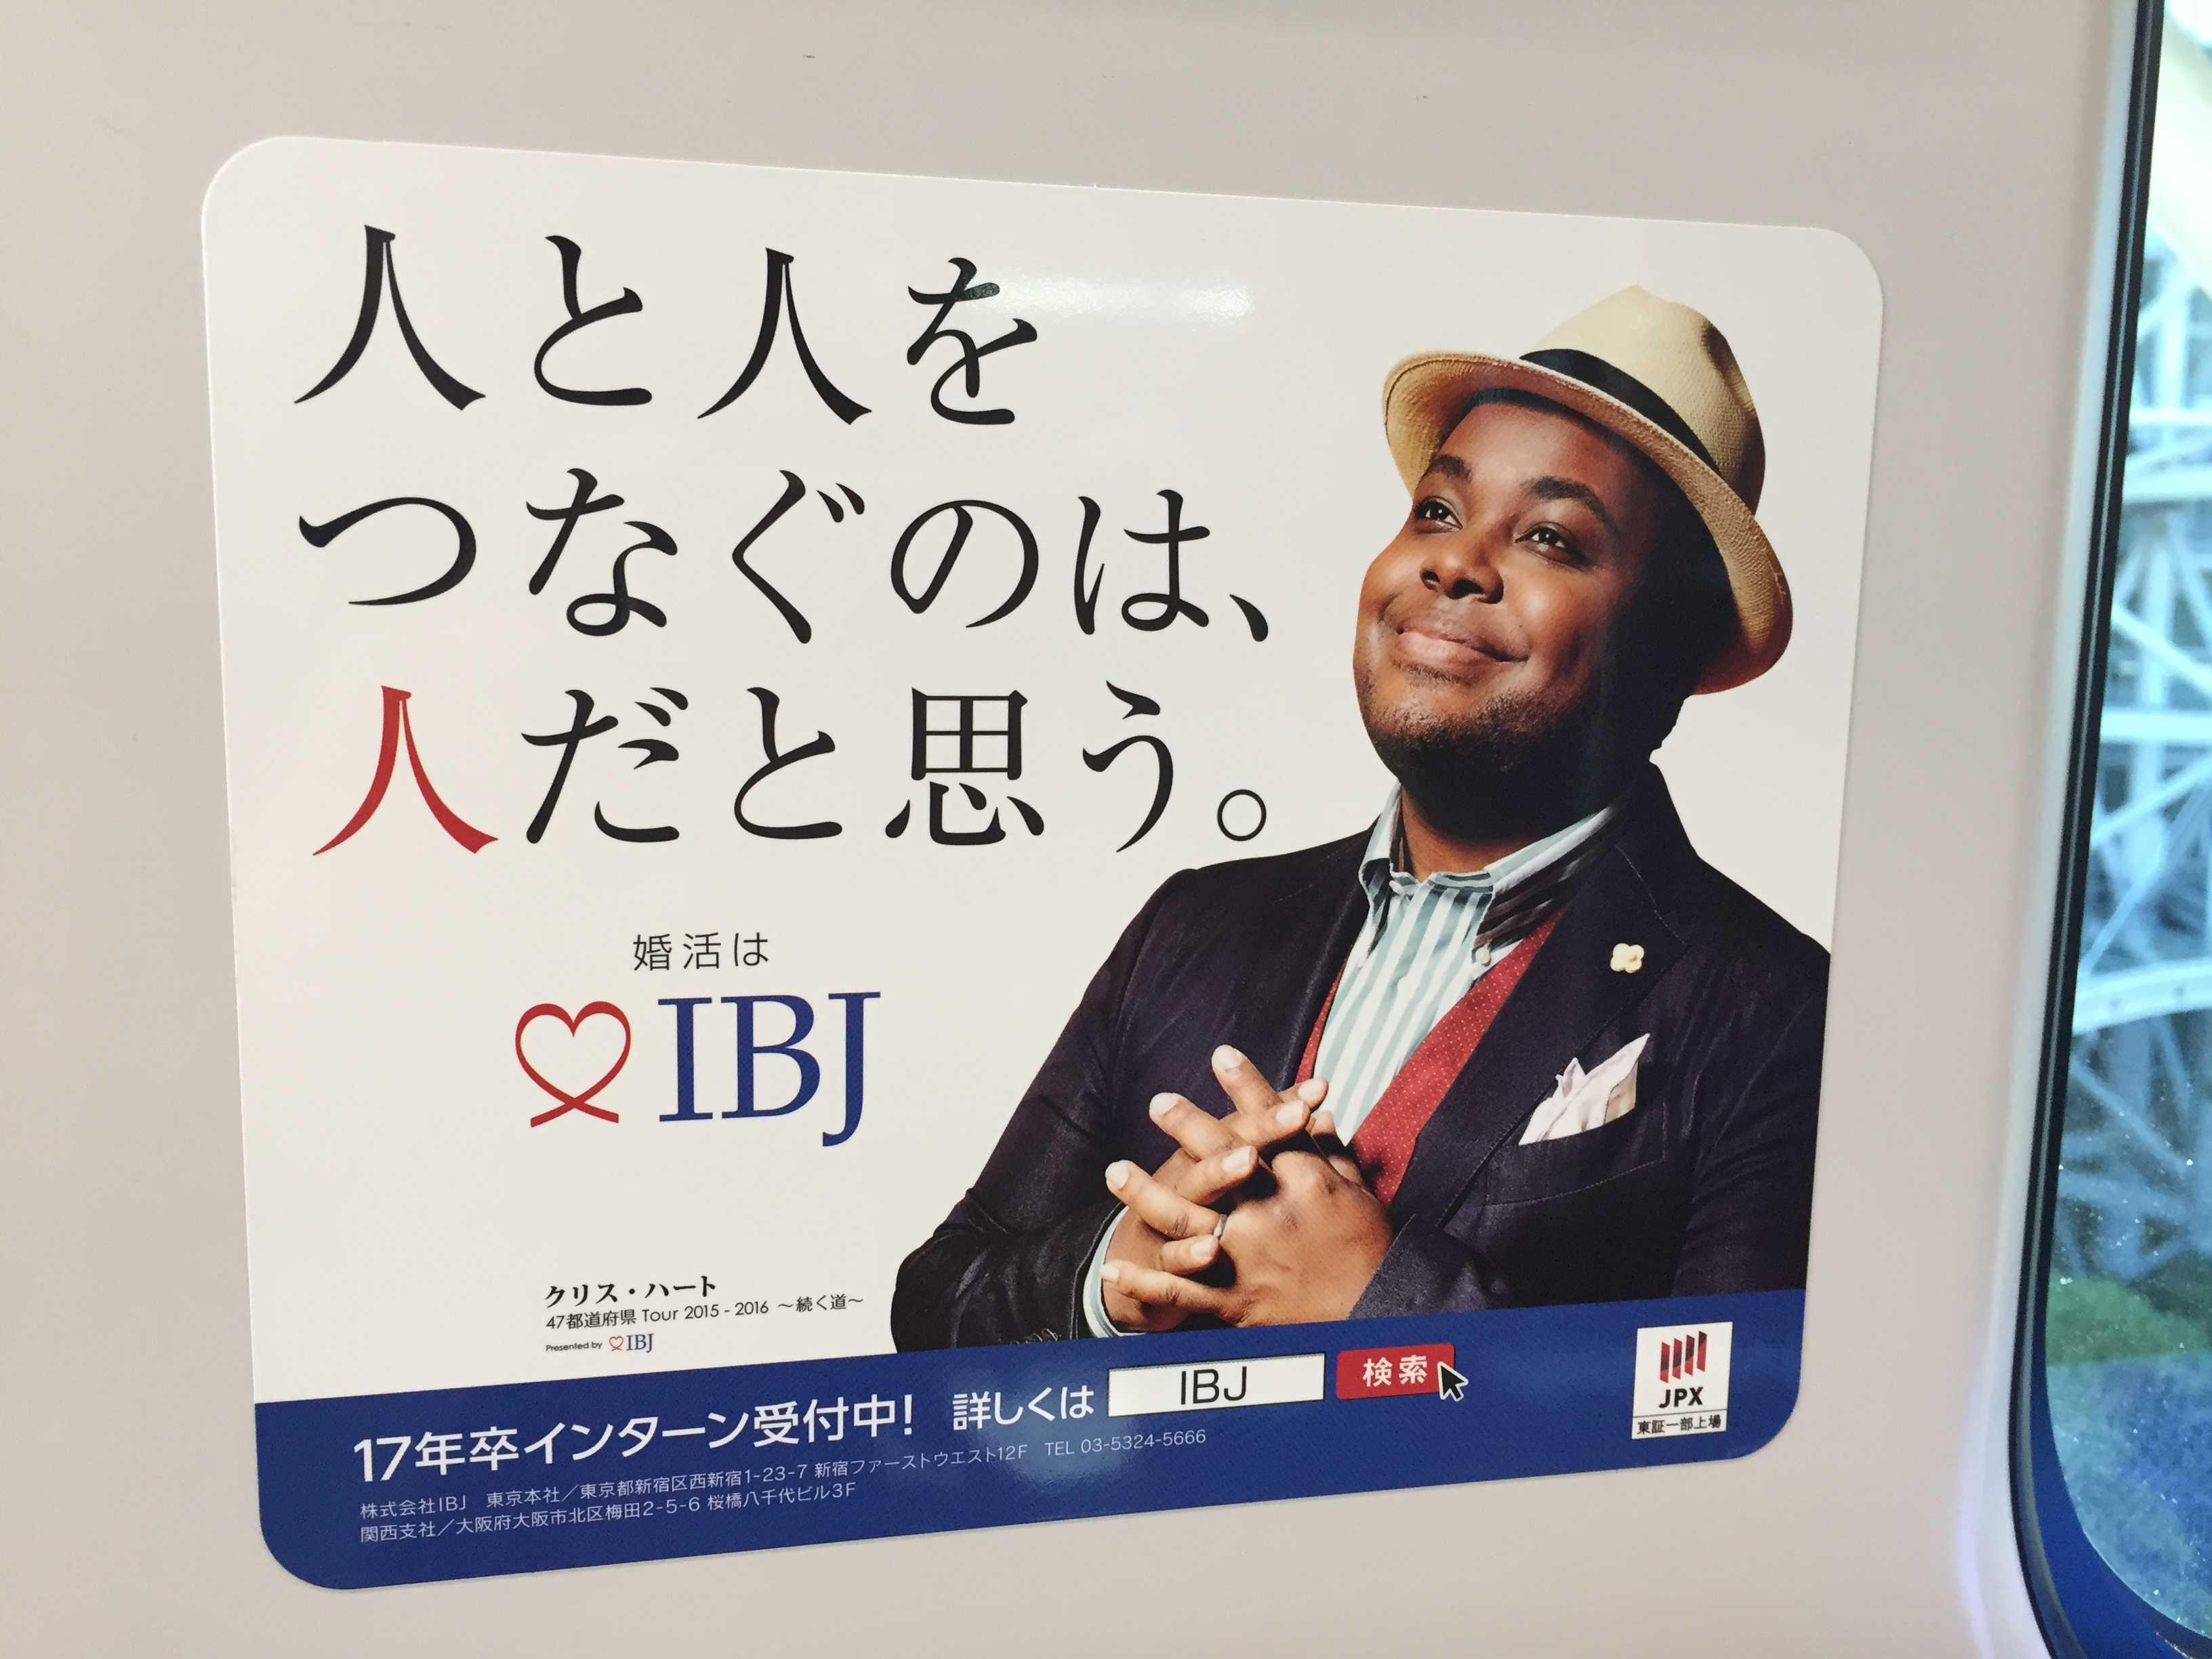 人と人をつなぐのは、人だと思う。婚活は IBJ